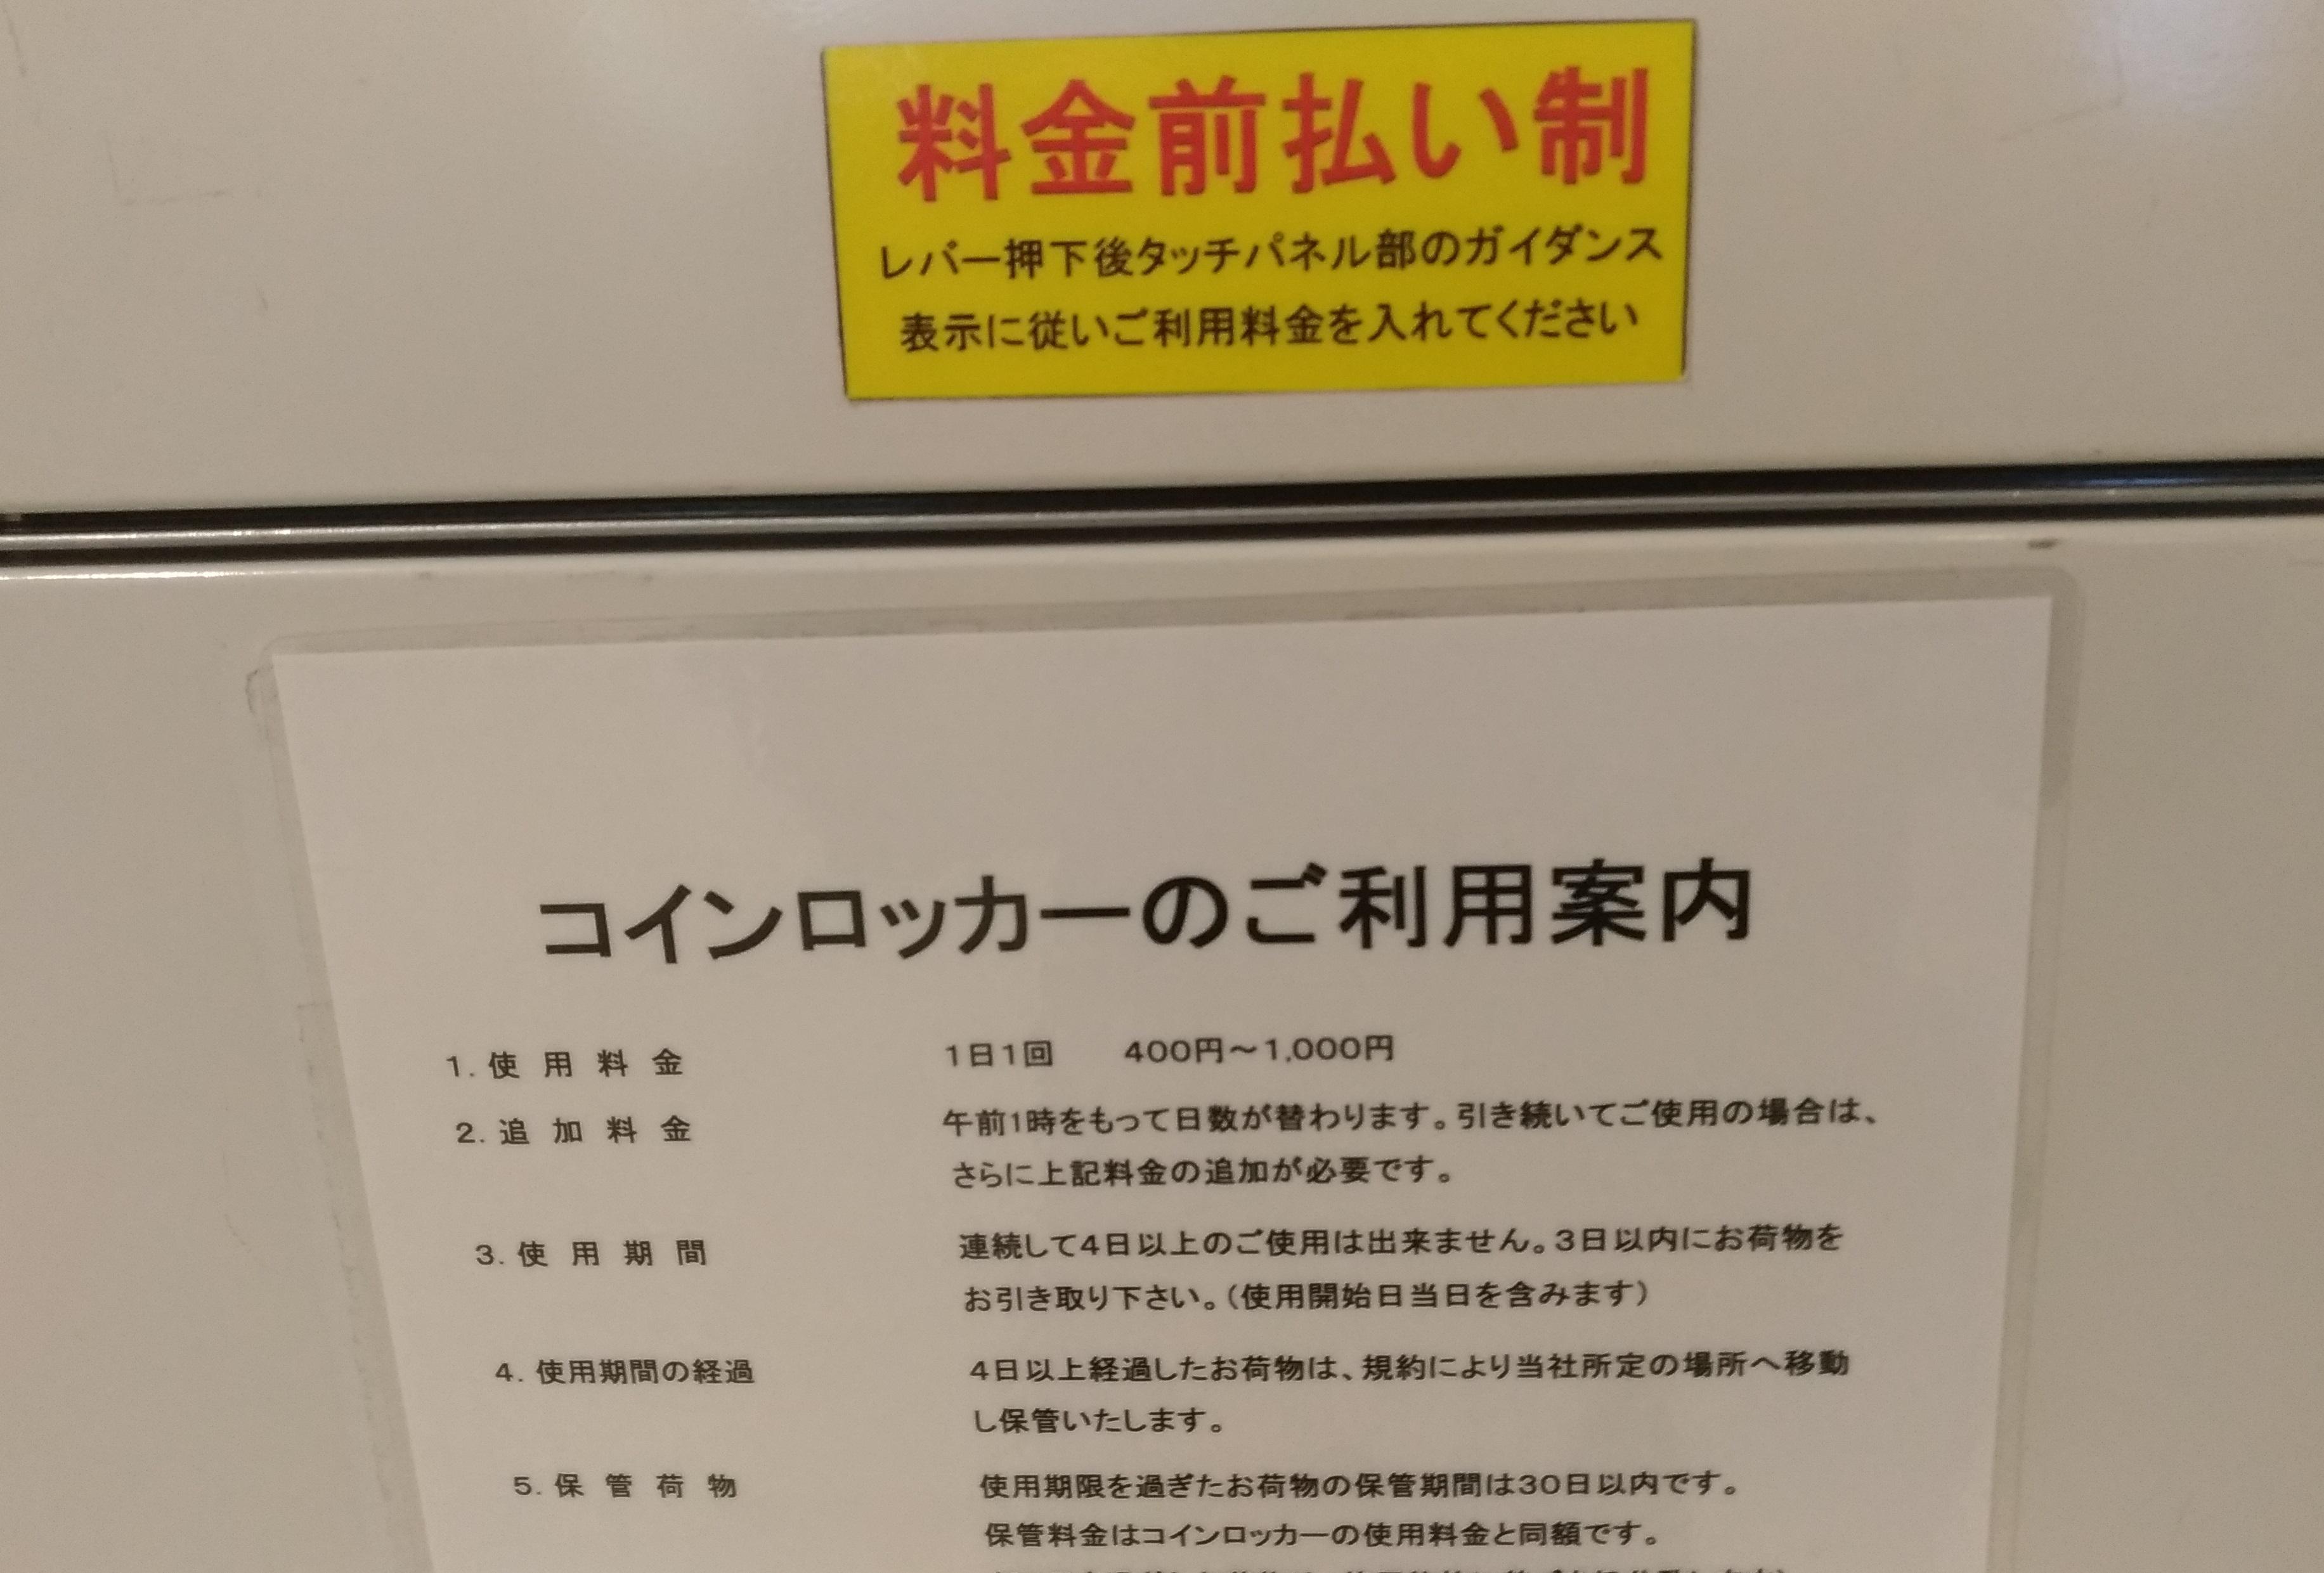 umeda_lockers_ic_qr_1.jpg